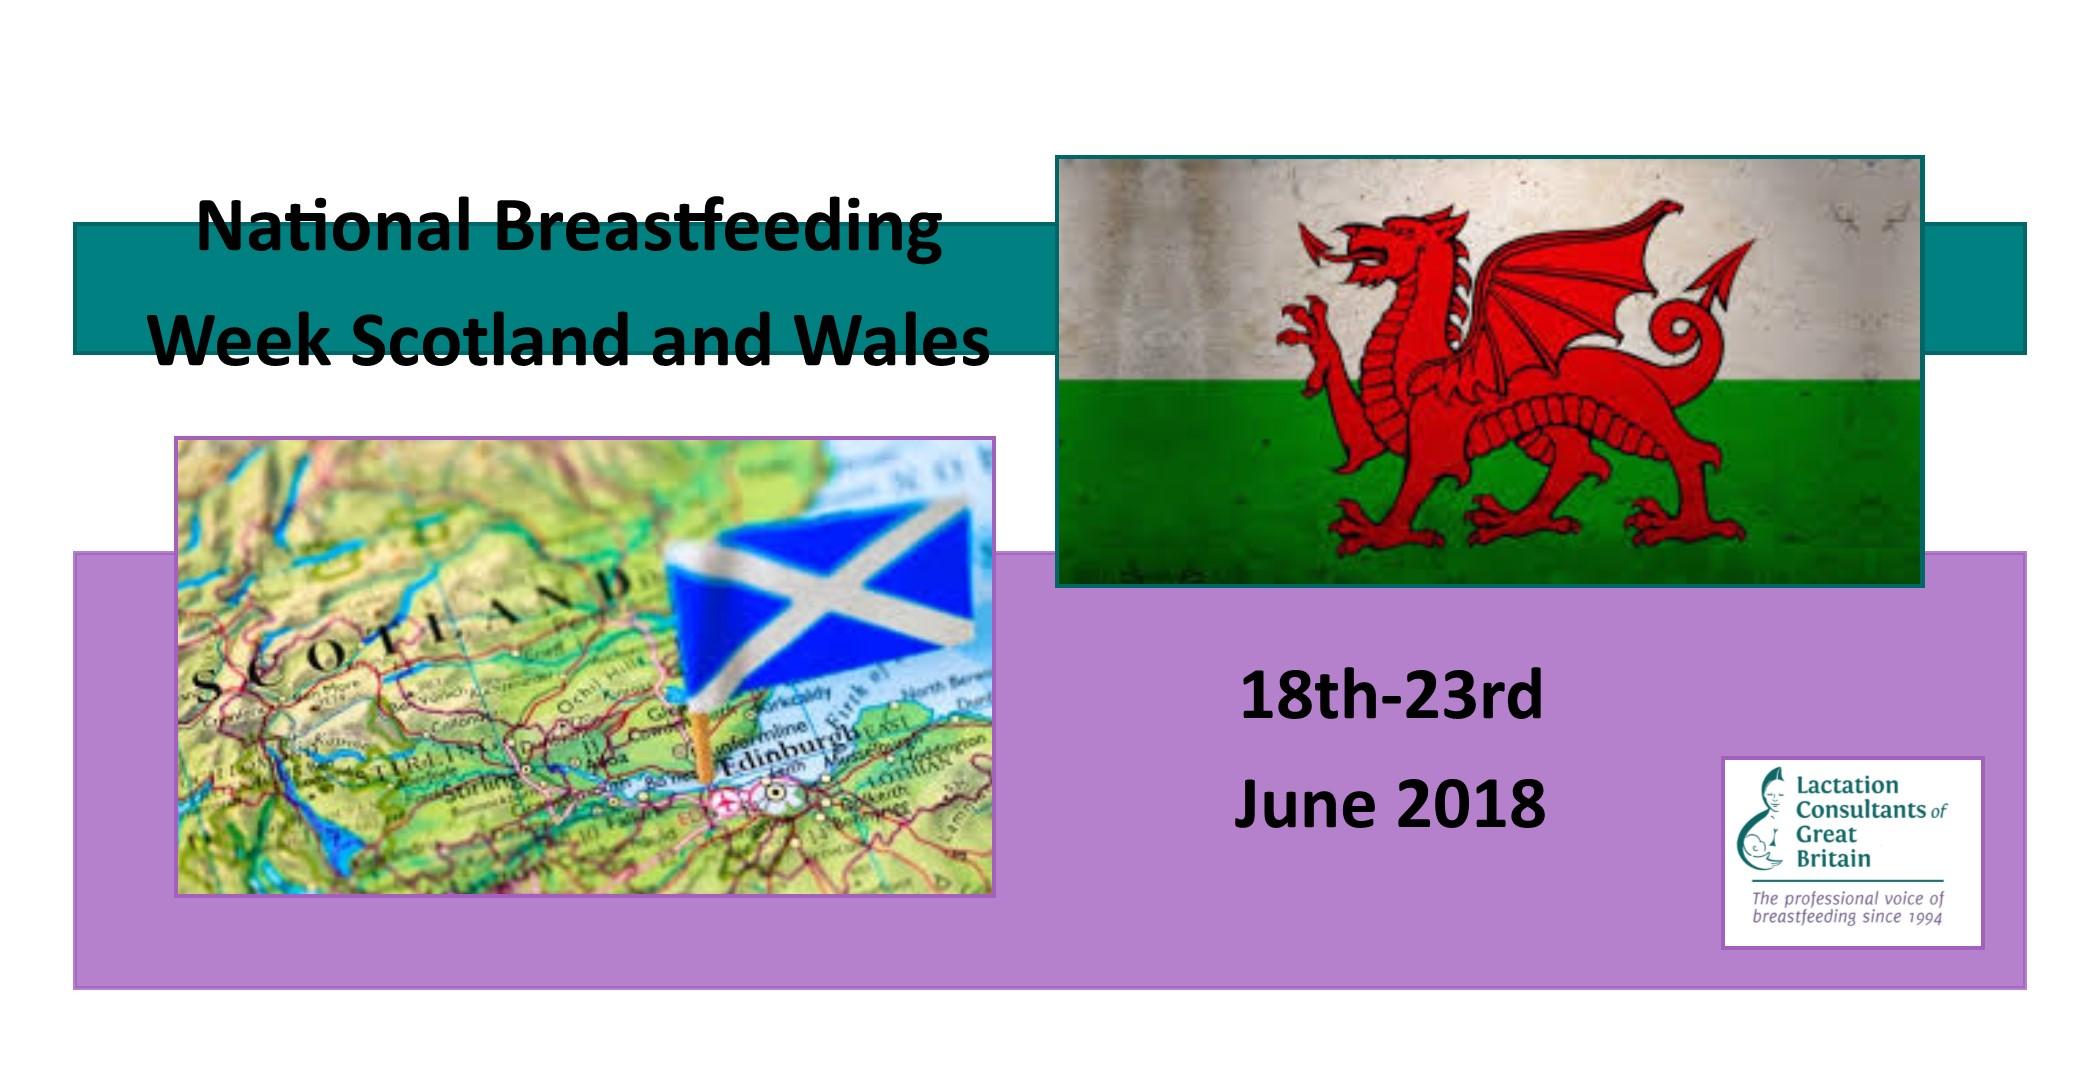 Breastfeeding Weeks 2018